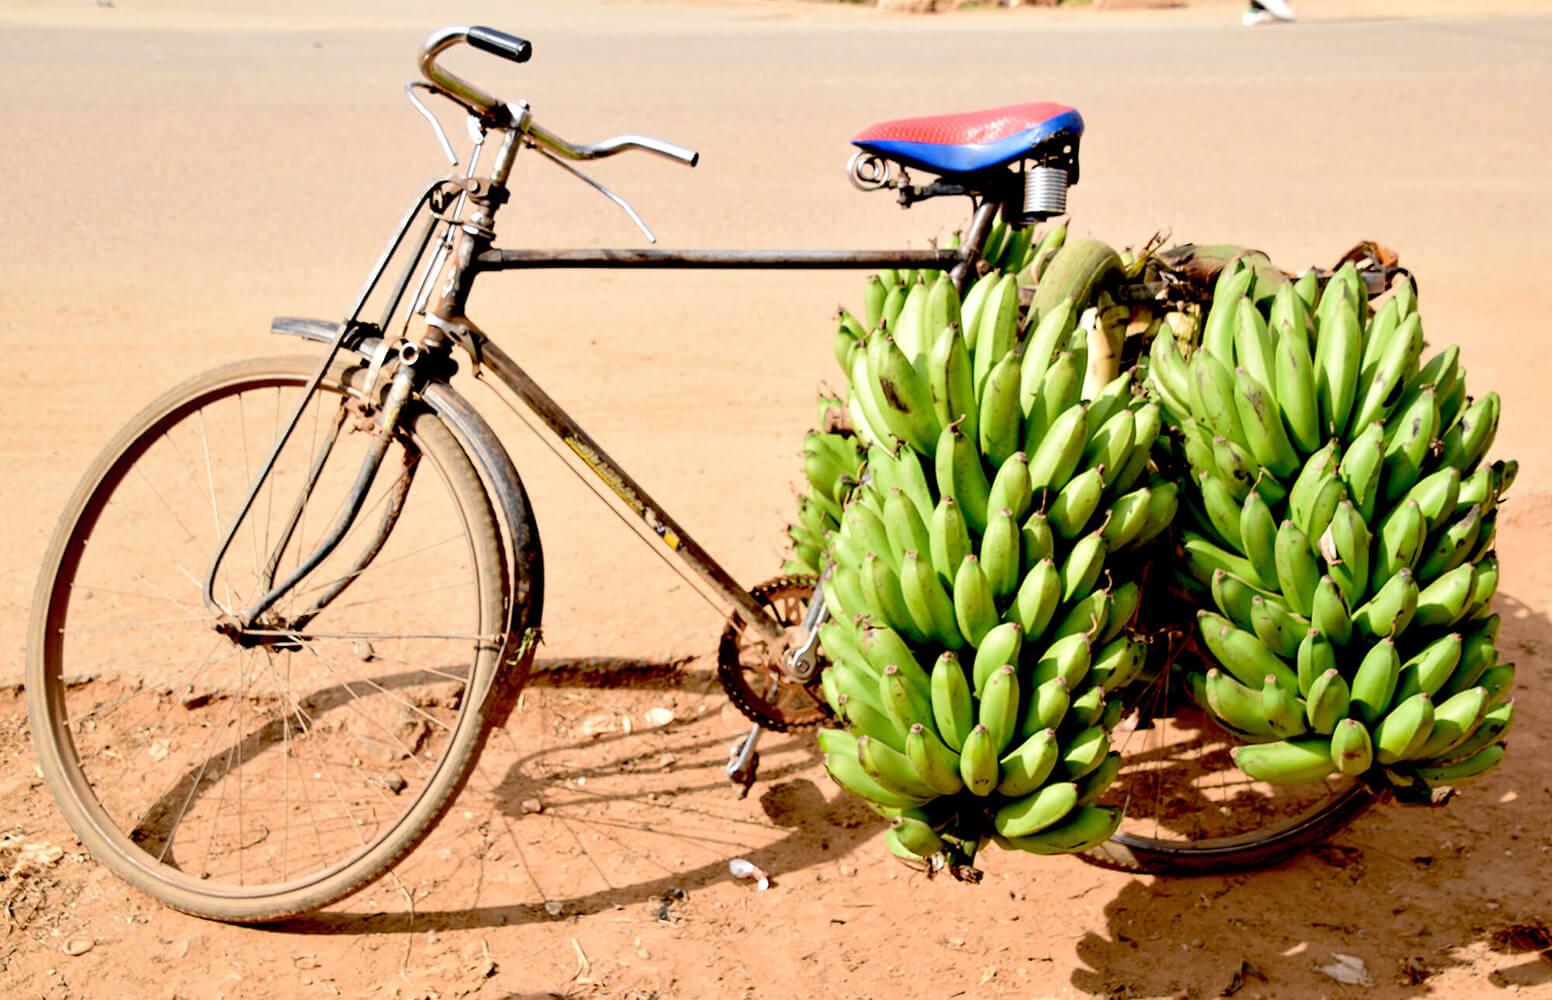 Reise in Uganda in Afrika. Ein verrostetes, mit Bananen beladenes Fahrrad steht auf der staubigen Strasse.